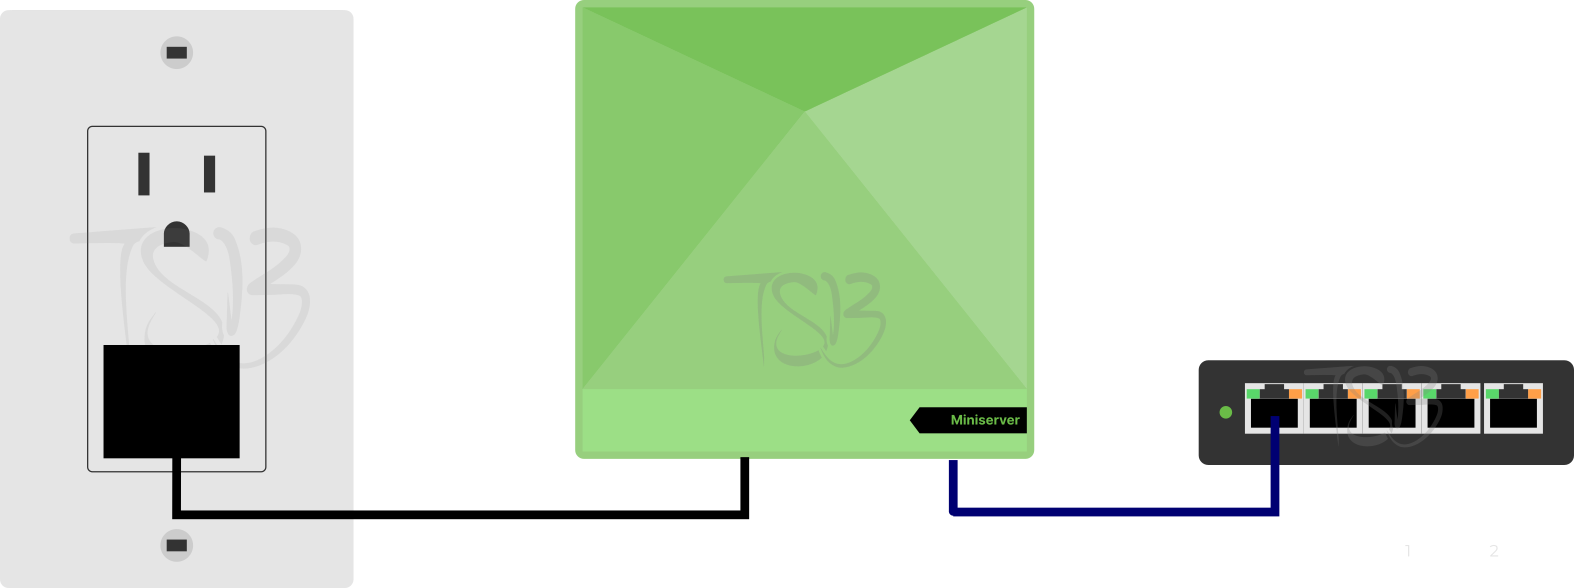 Installation Diagram for Miniserver Go